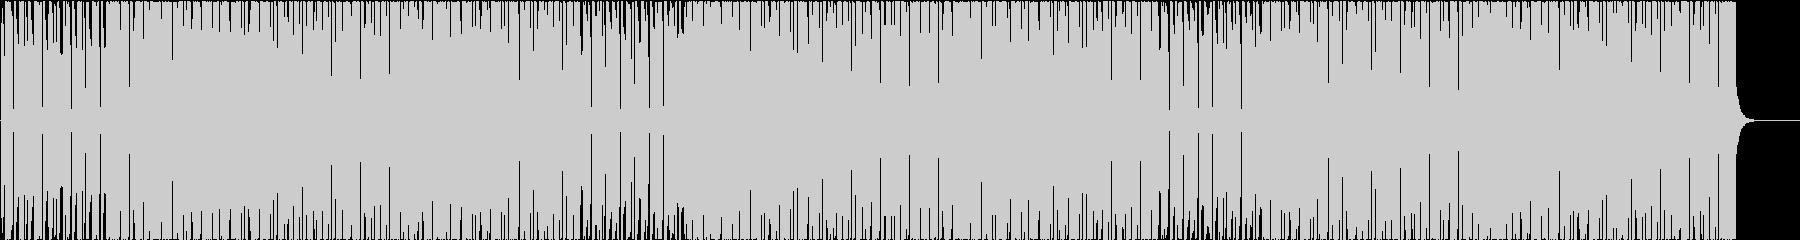 エレピのオシャレなミドルアップテンポ曲の未再生の波形